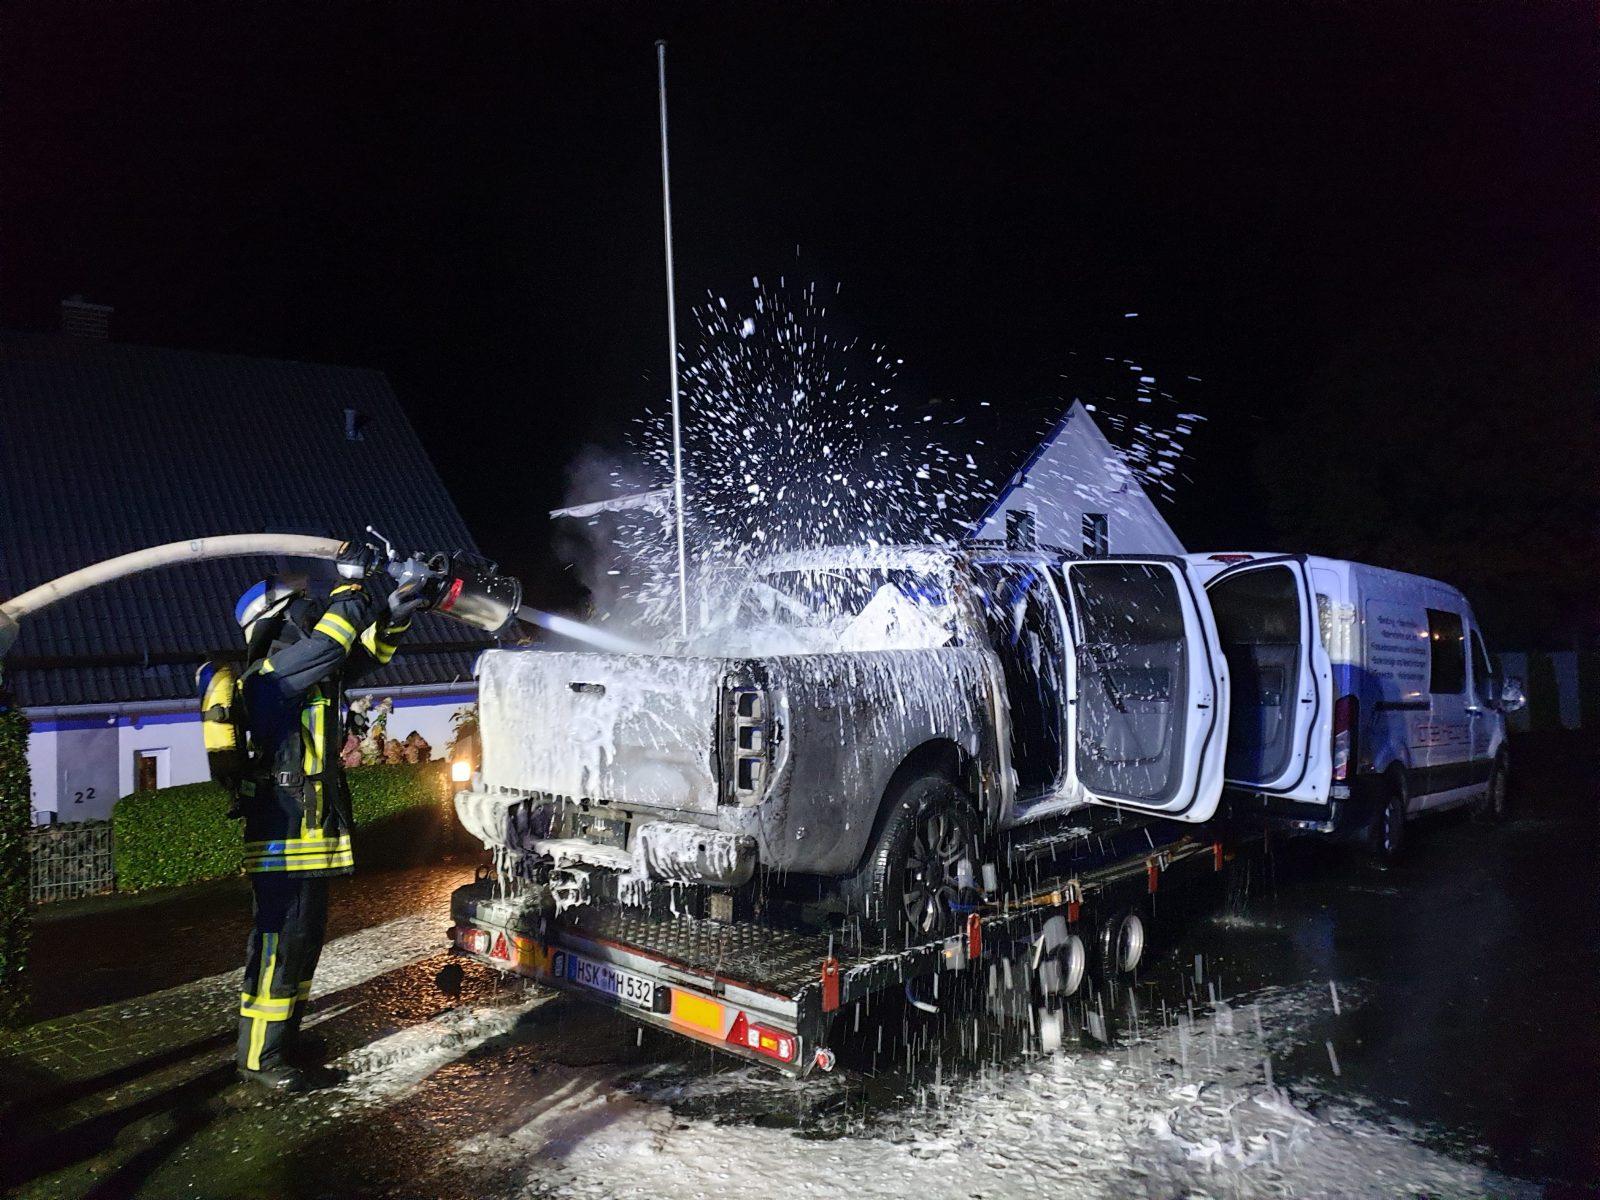 Nächtlicher Brandeinsatz – schnelles Eingreifen der Löschgruppe Bödefeld verhinderte Schlimmeres